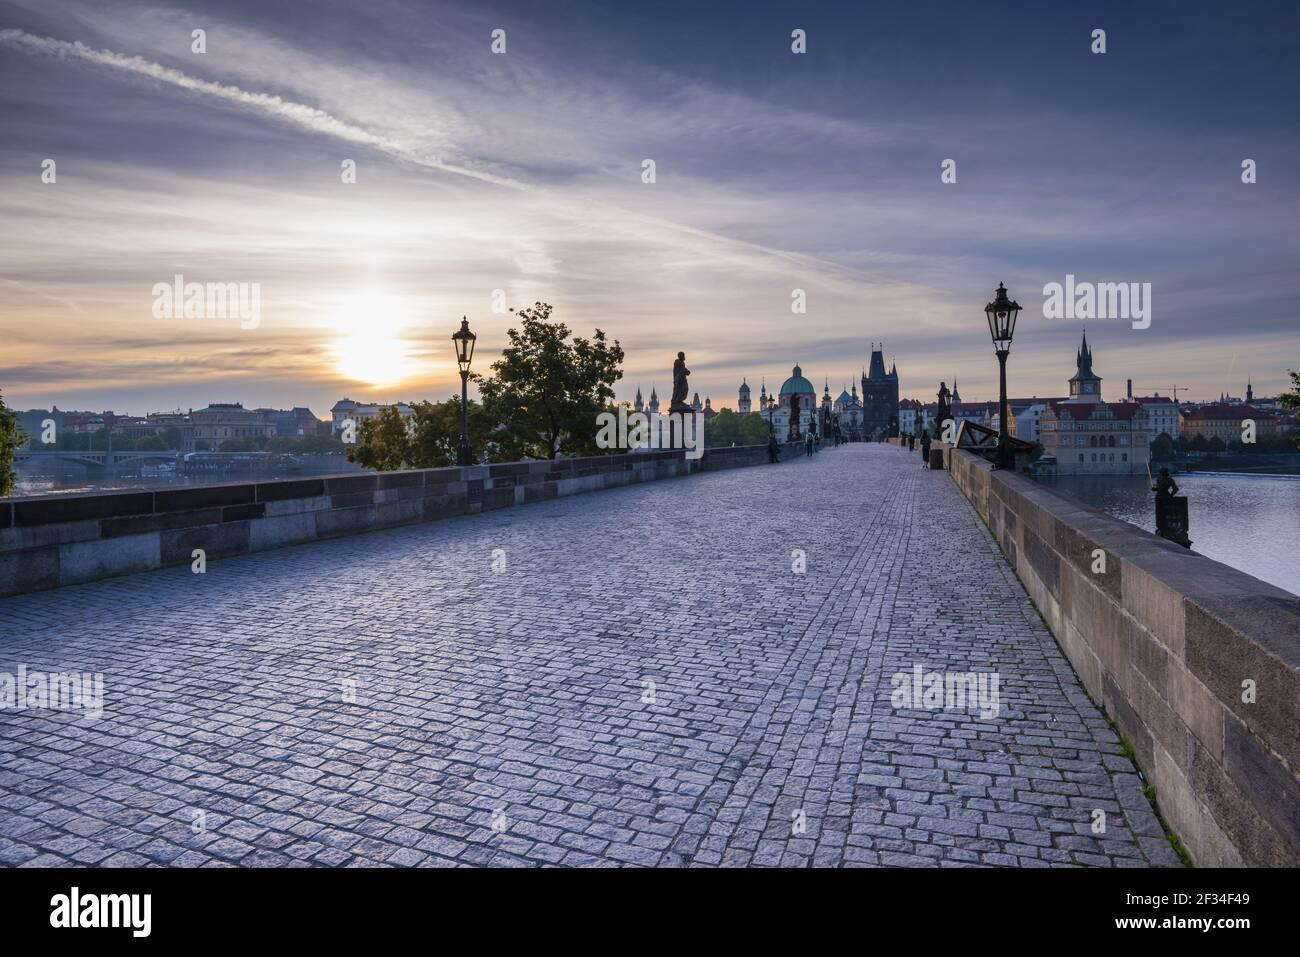 Geografía / viajes, República Checa, Puente de Carlos con la torre del puente del casco antiguo, Patrimonio de la Humanidad de la UNESCO, Praga, República Checa, Libertad de Panorama Foto de stock